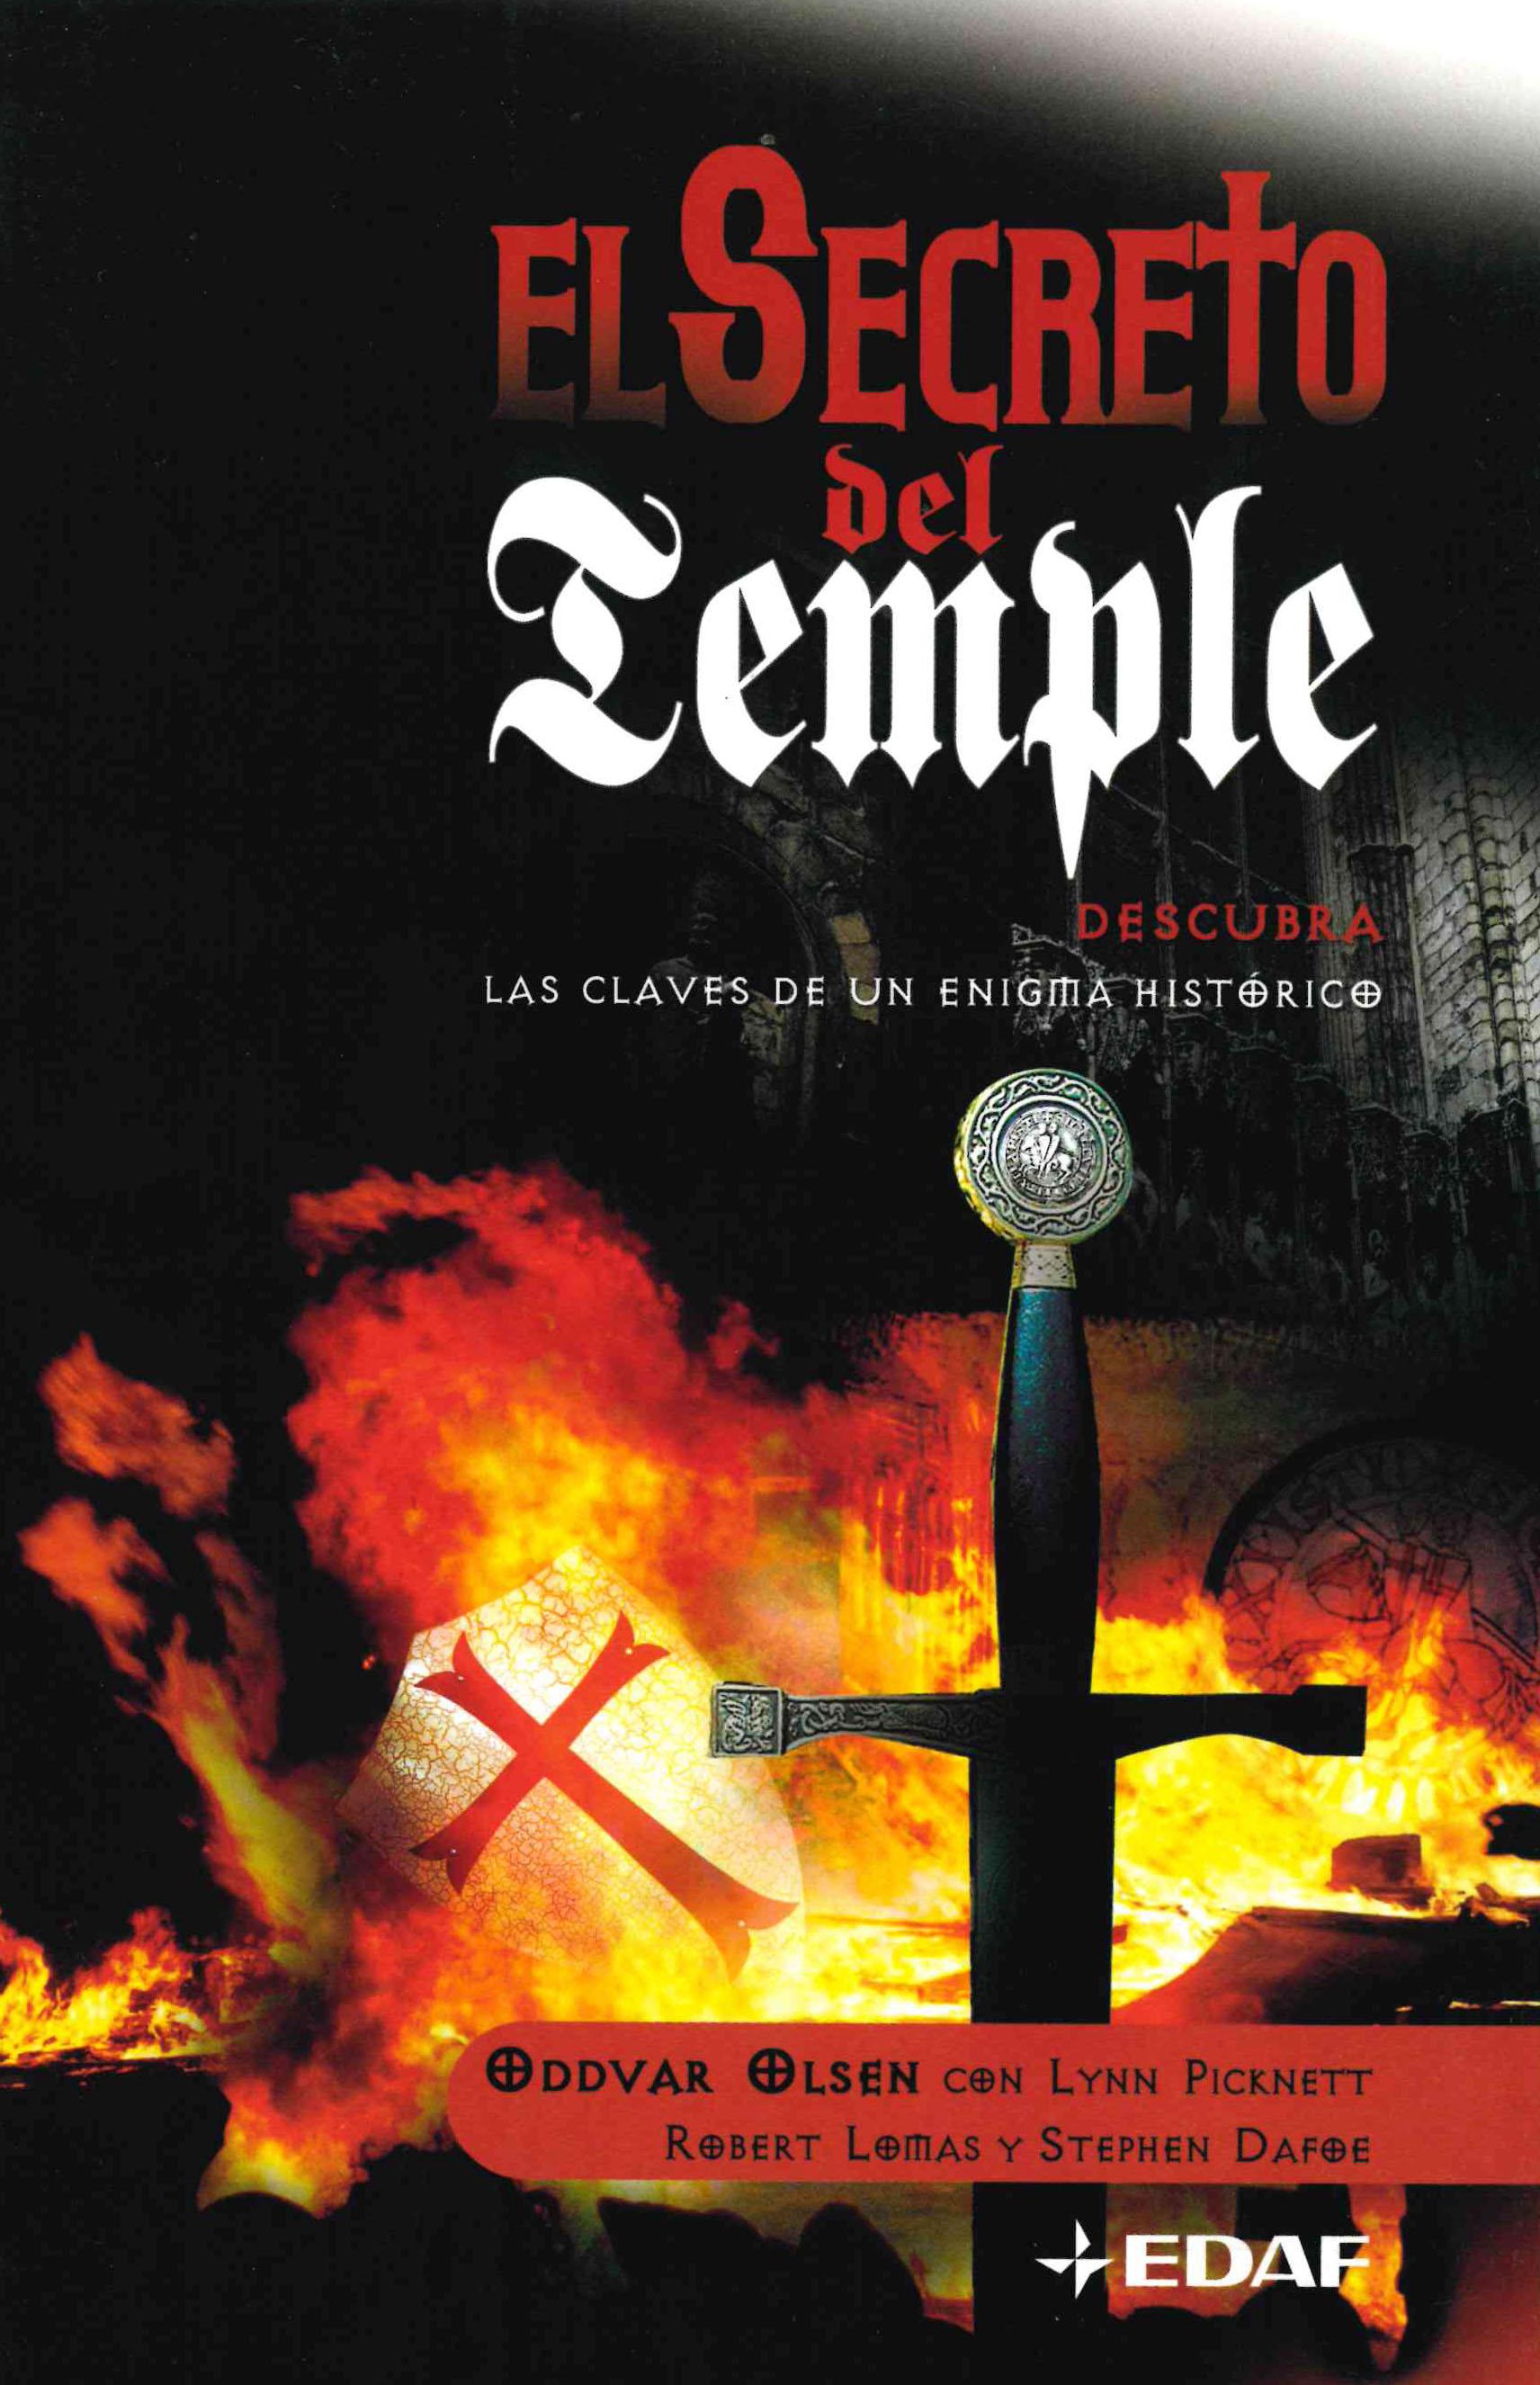 El Secreto Del Temple: Descubra Las Claves De Un Enigma Historico - Ribera Ahimsalara